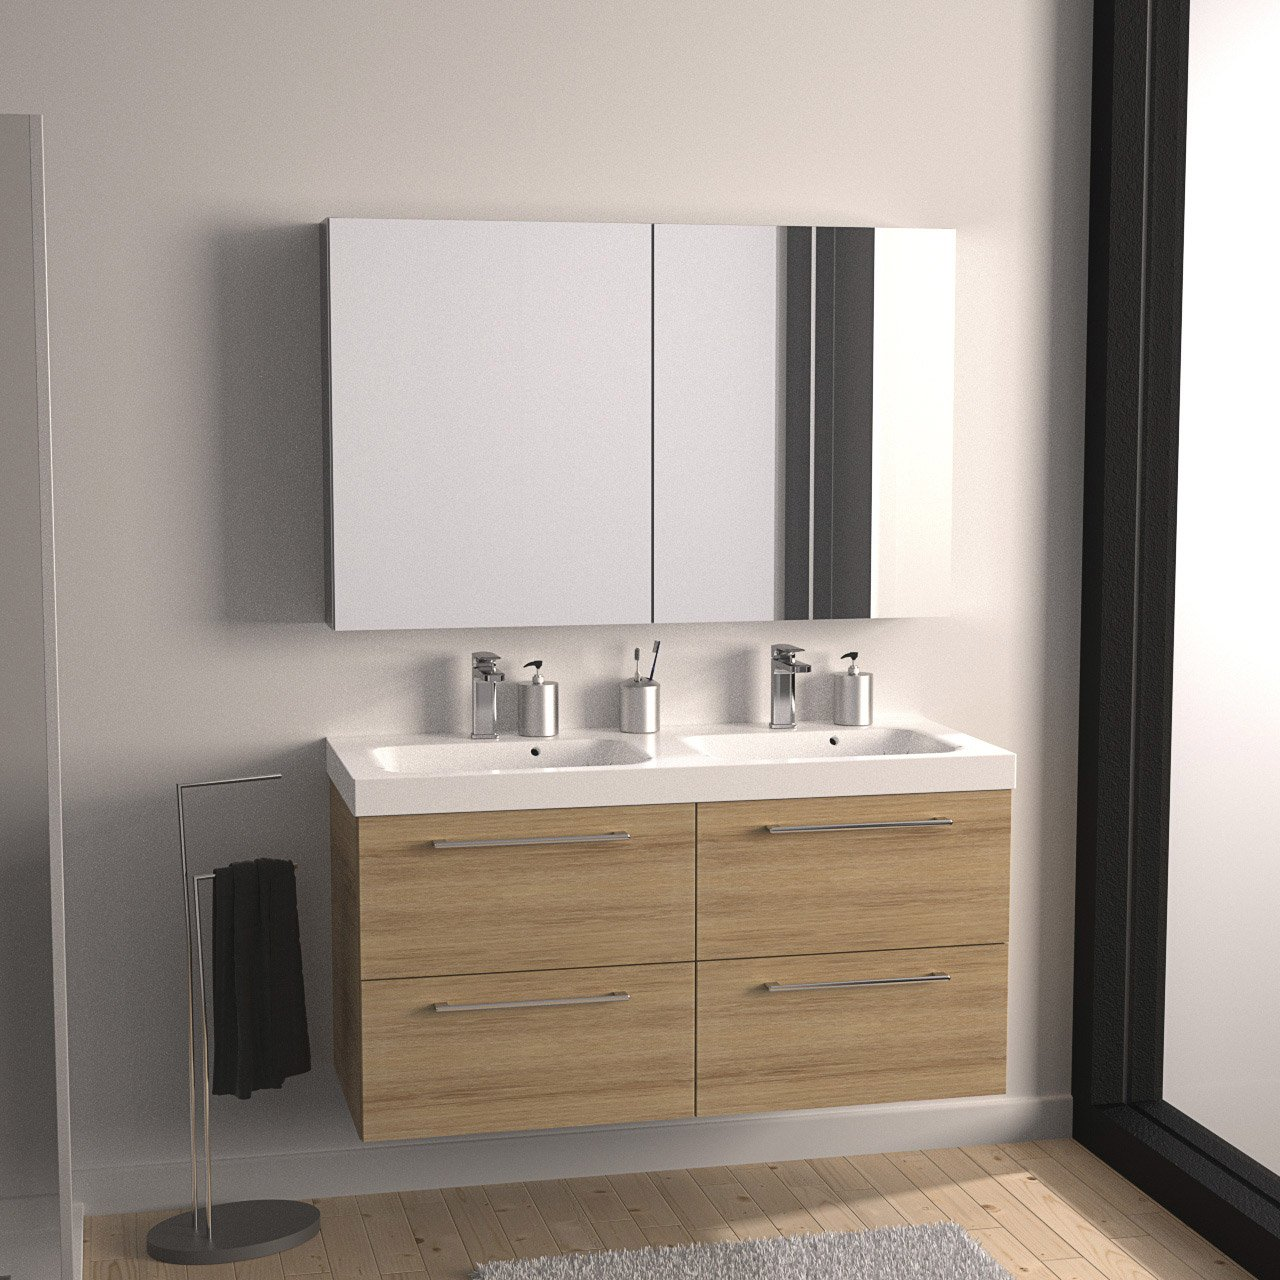 Meuble sous evier salle de bain brico depot id es de travaux - Meuble de salle de bain brico depot ...